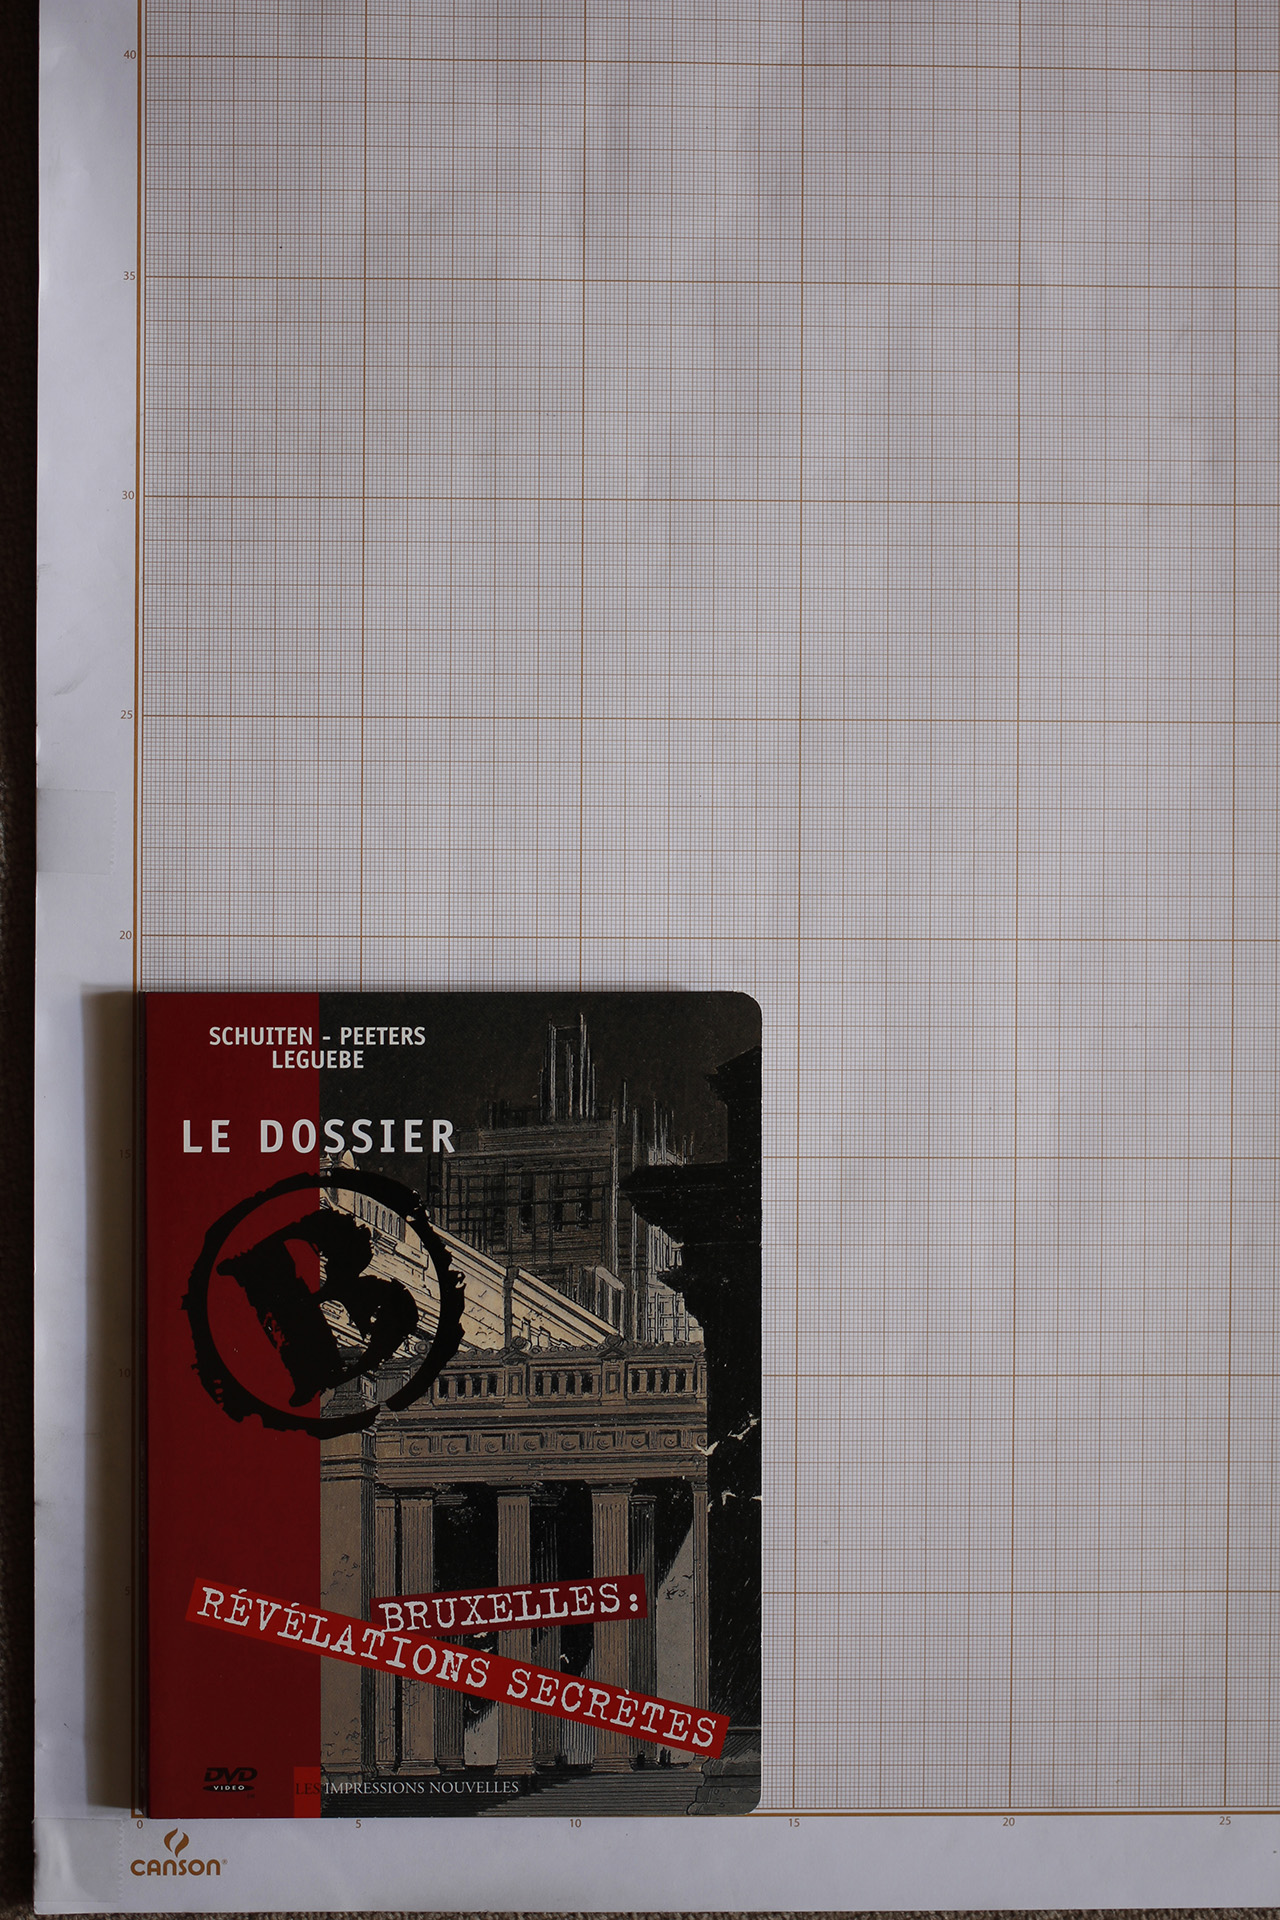 Le Dossier B, F.Schuiten, B.Peeters & W. Leguebe - Les Impressions Nouvelles© Maison Autrique, 2007